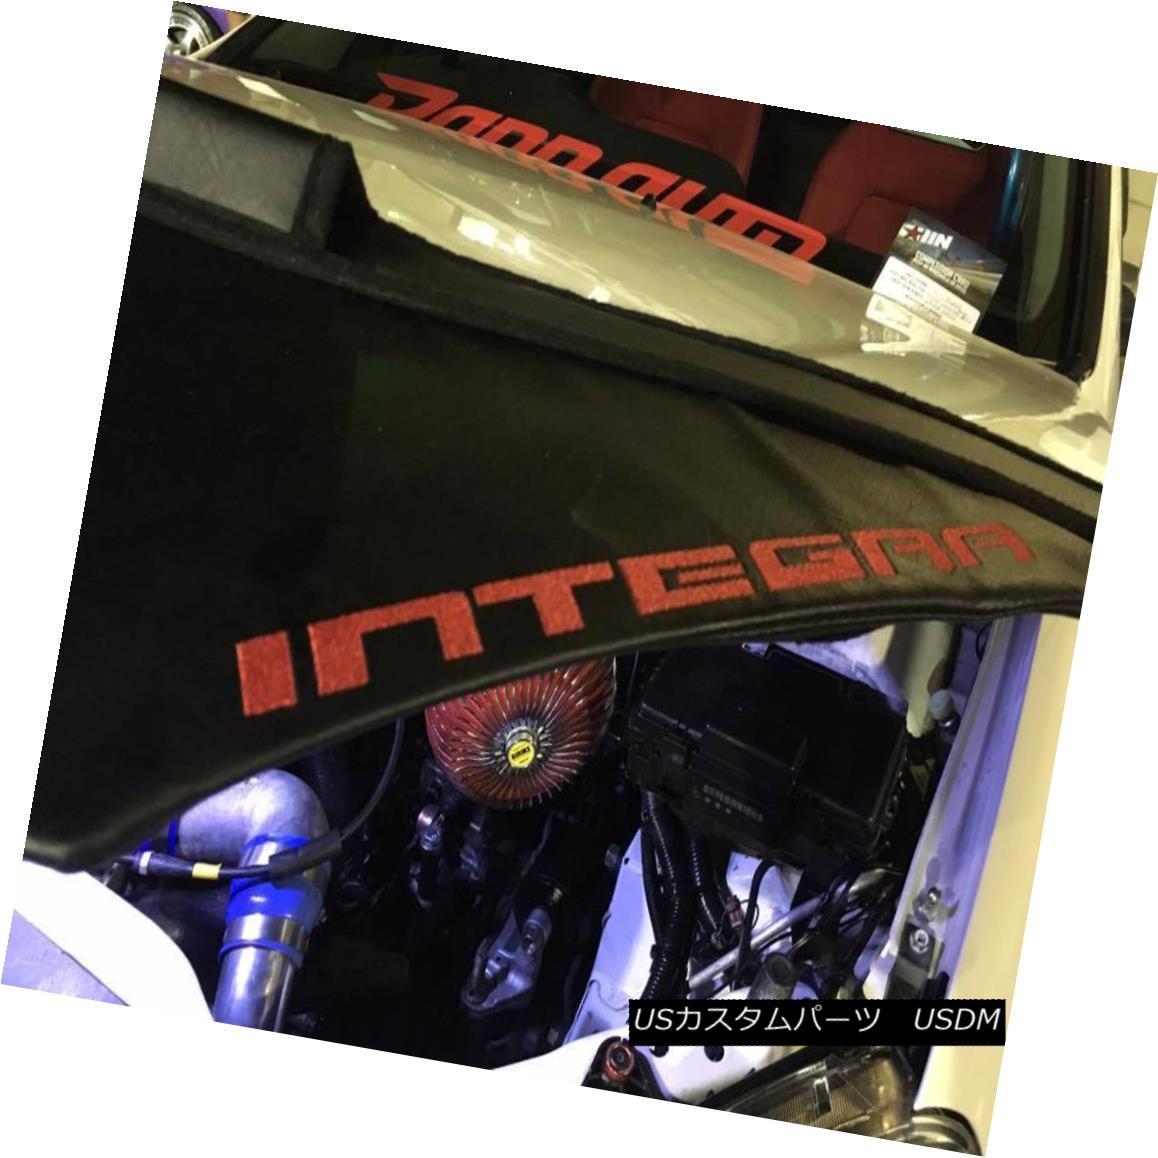 RED Car Hood Bra Fits Honda Acura Integra RSX 01 02 03 04 05 06 INTEGRA LOGO